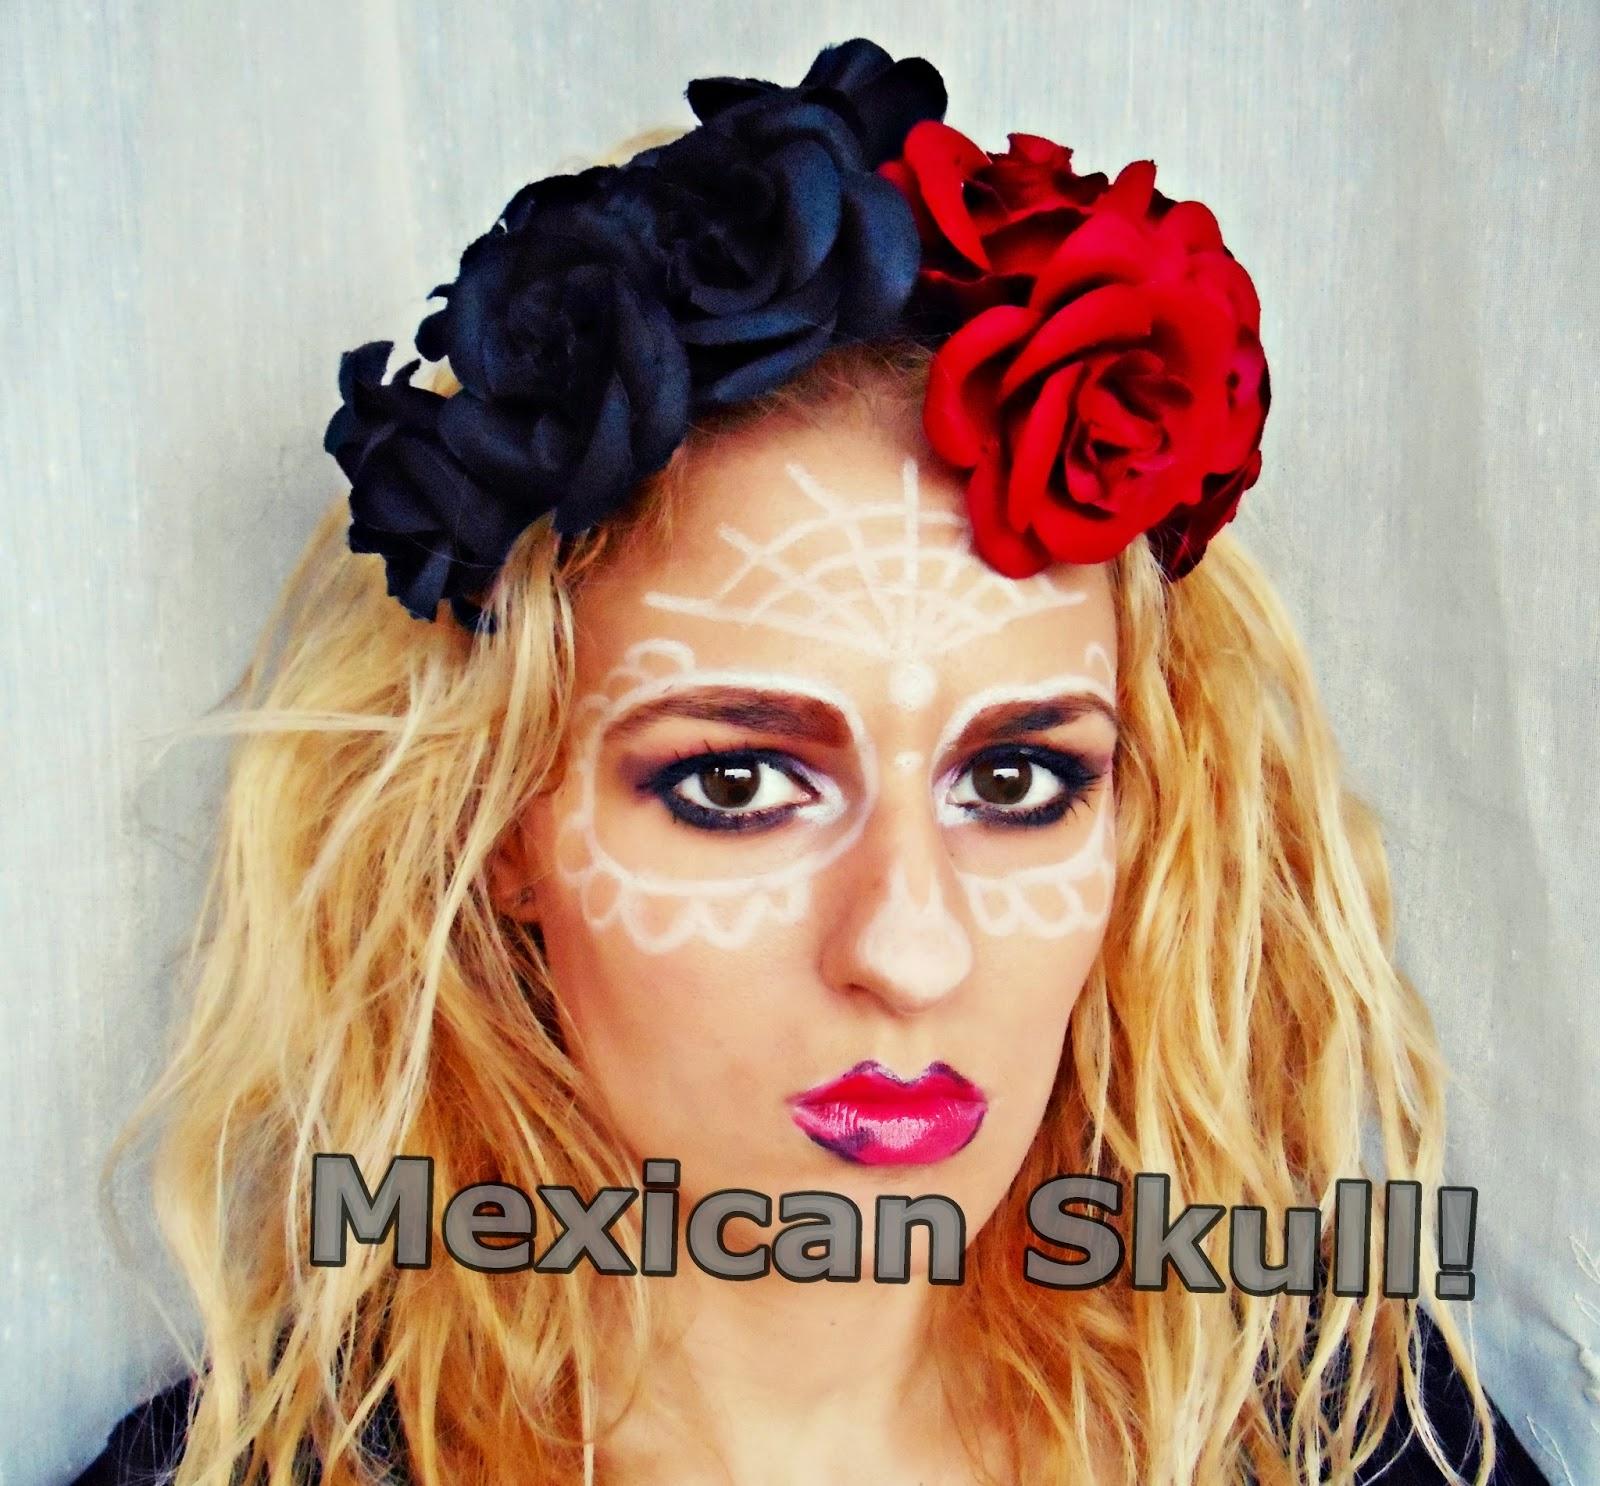 433f5de7cf59 Egy letisztultabb mexikói koponyás sminket szerettem volna elkészíteni,  amihez nem kell fehér alap, (ez csak egy inspiráció, de a későbbiekben az  autentikus ...